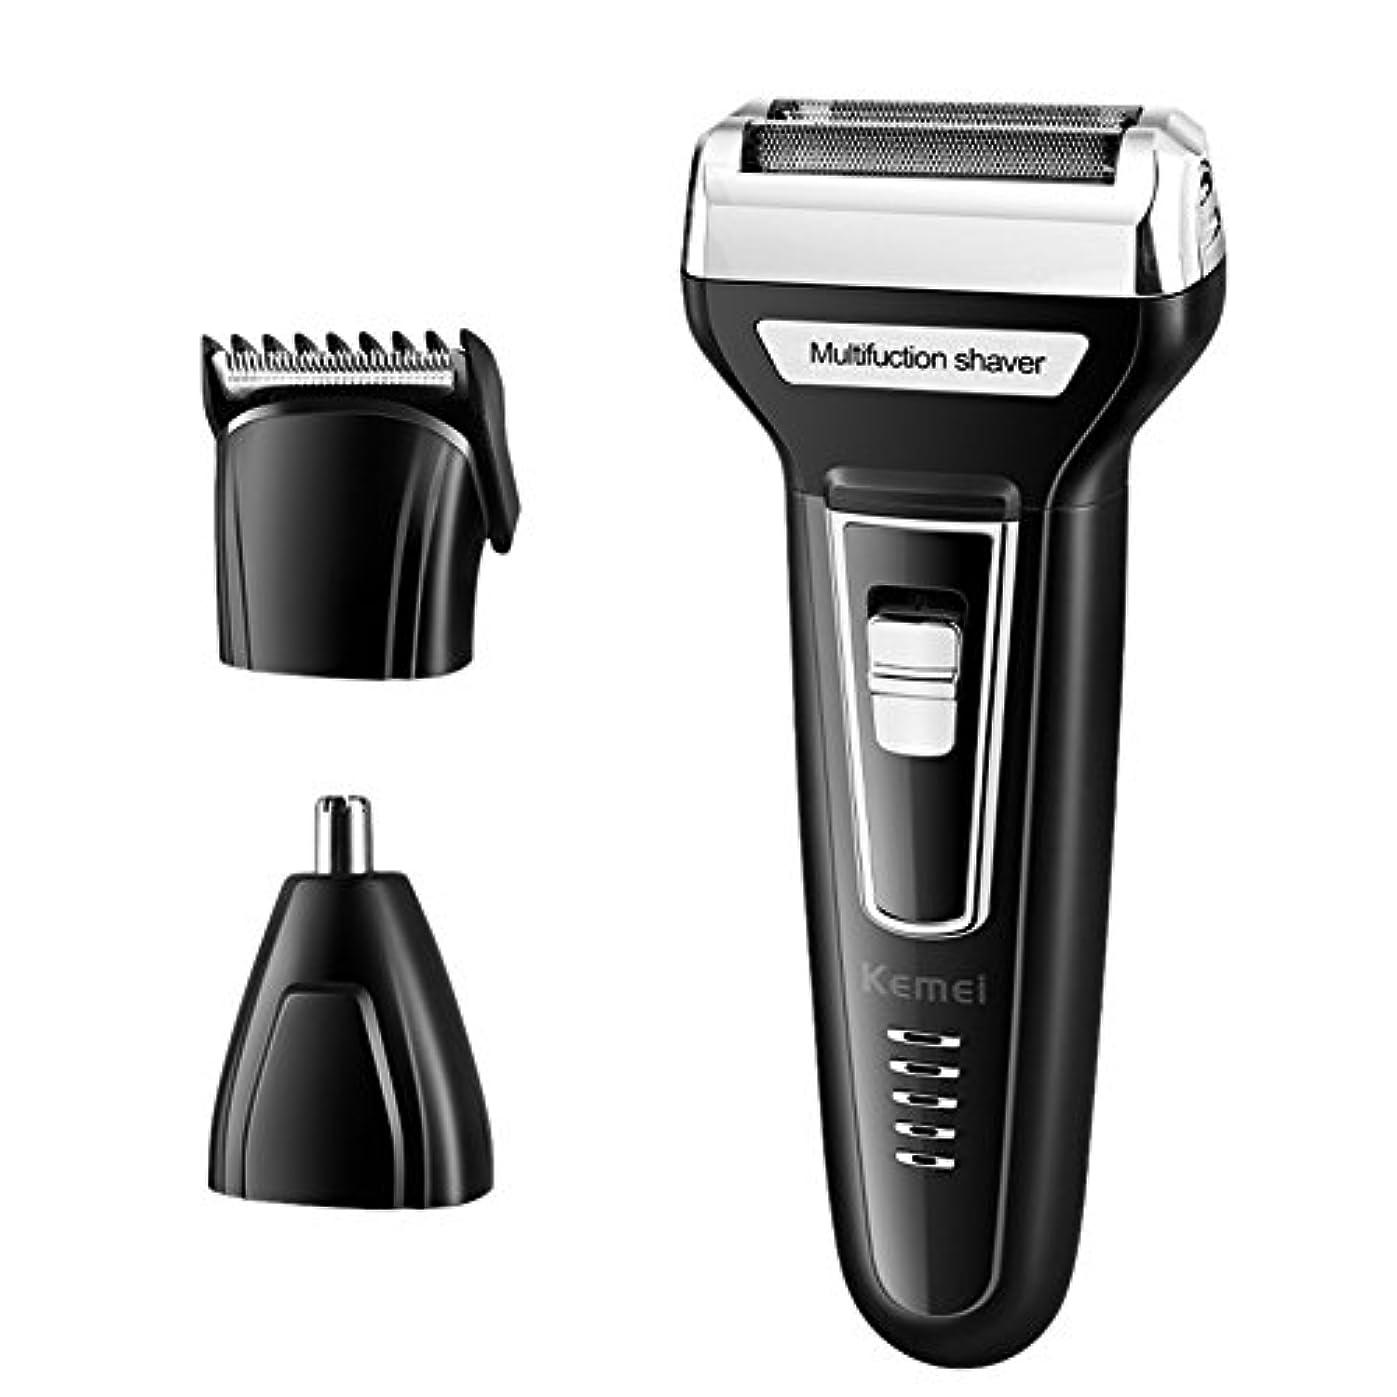 波紋復活する不完全なTeFuAnAn メンズシェーバー 電動シェーバー 電気カミソリ 3 in 1 毛のお手入れ 髭剃り 鼻毛カッター 充電交流式